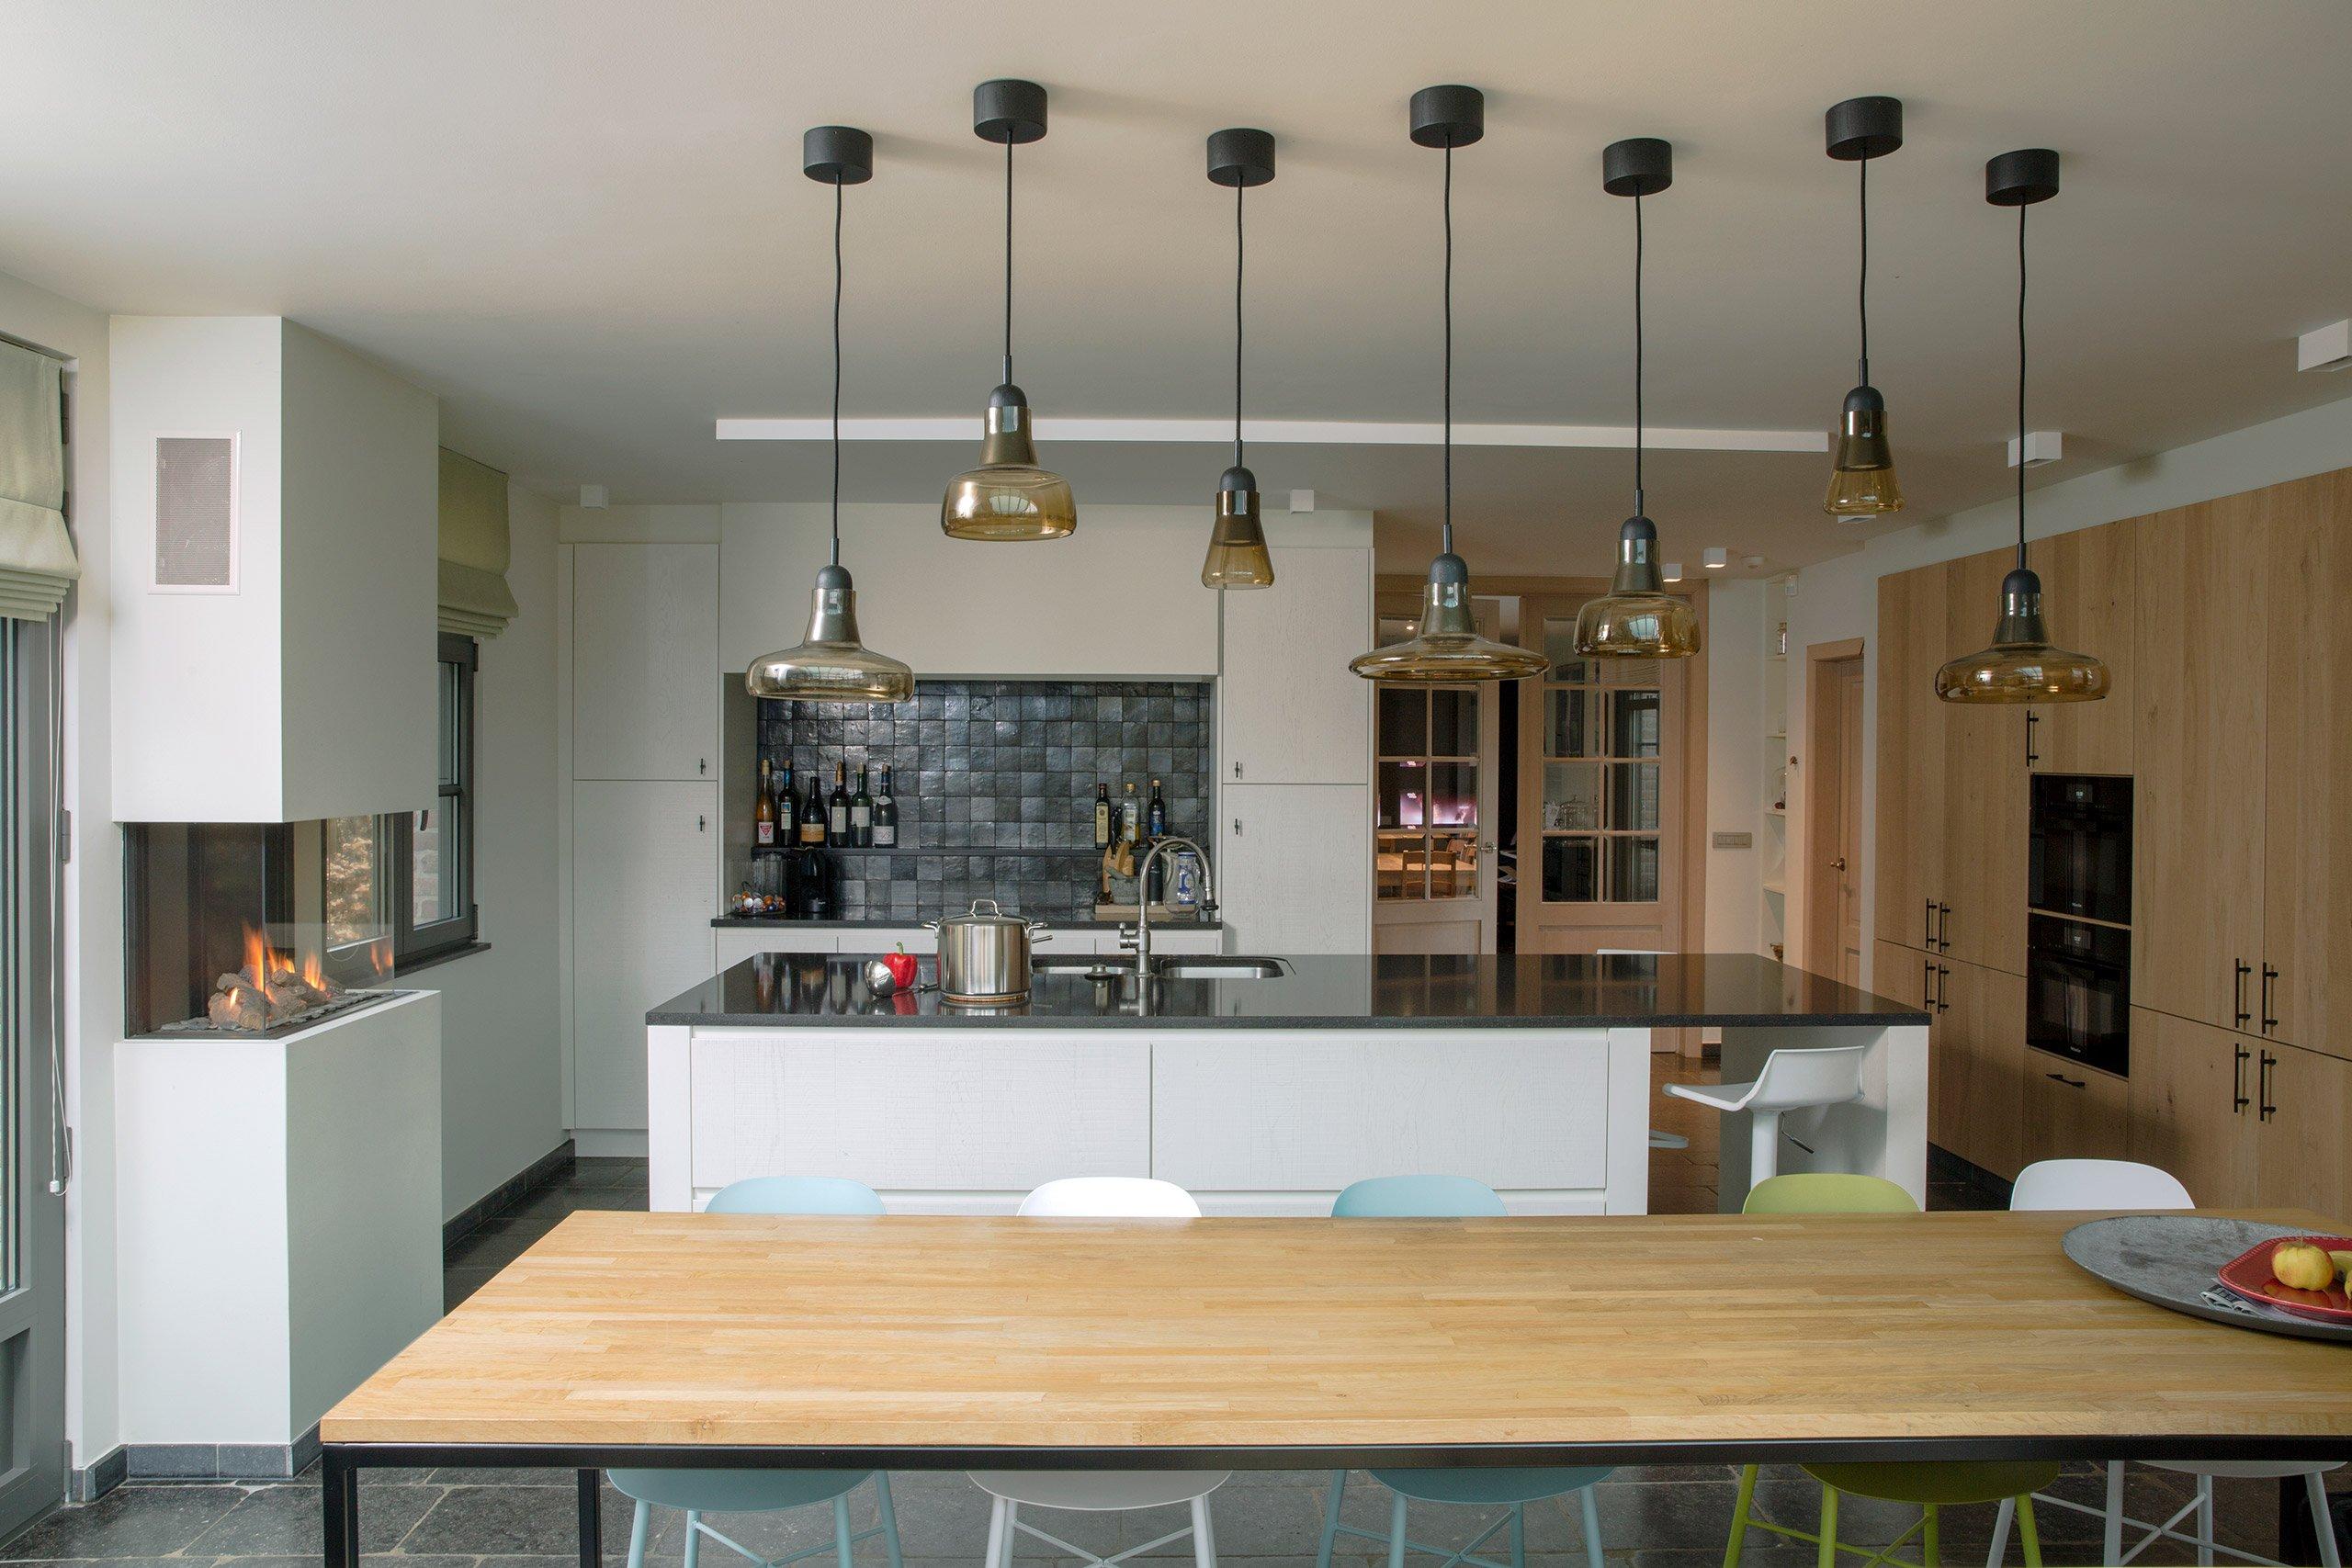 Landelijke keuken in contrast met strakke toestellen u2013 inspired by miele